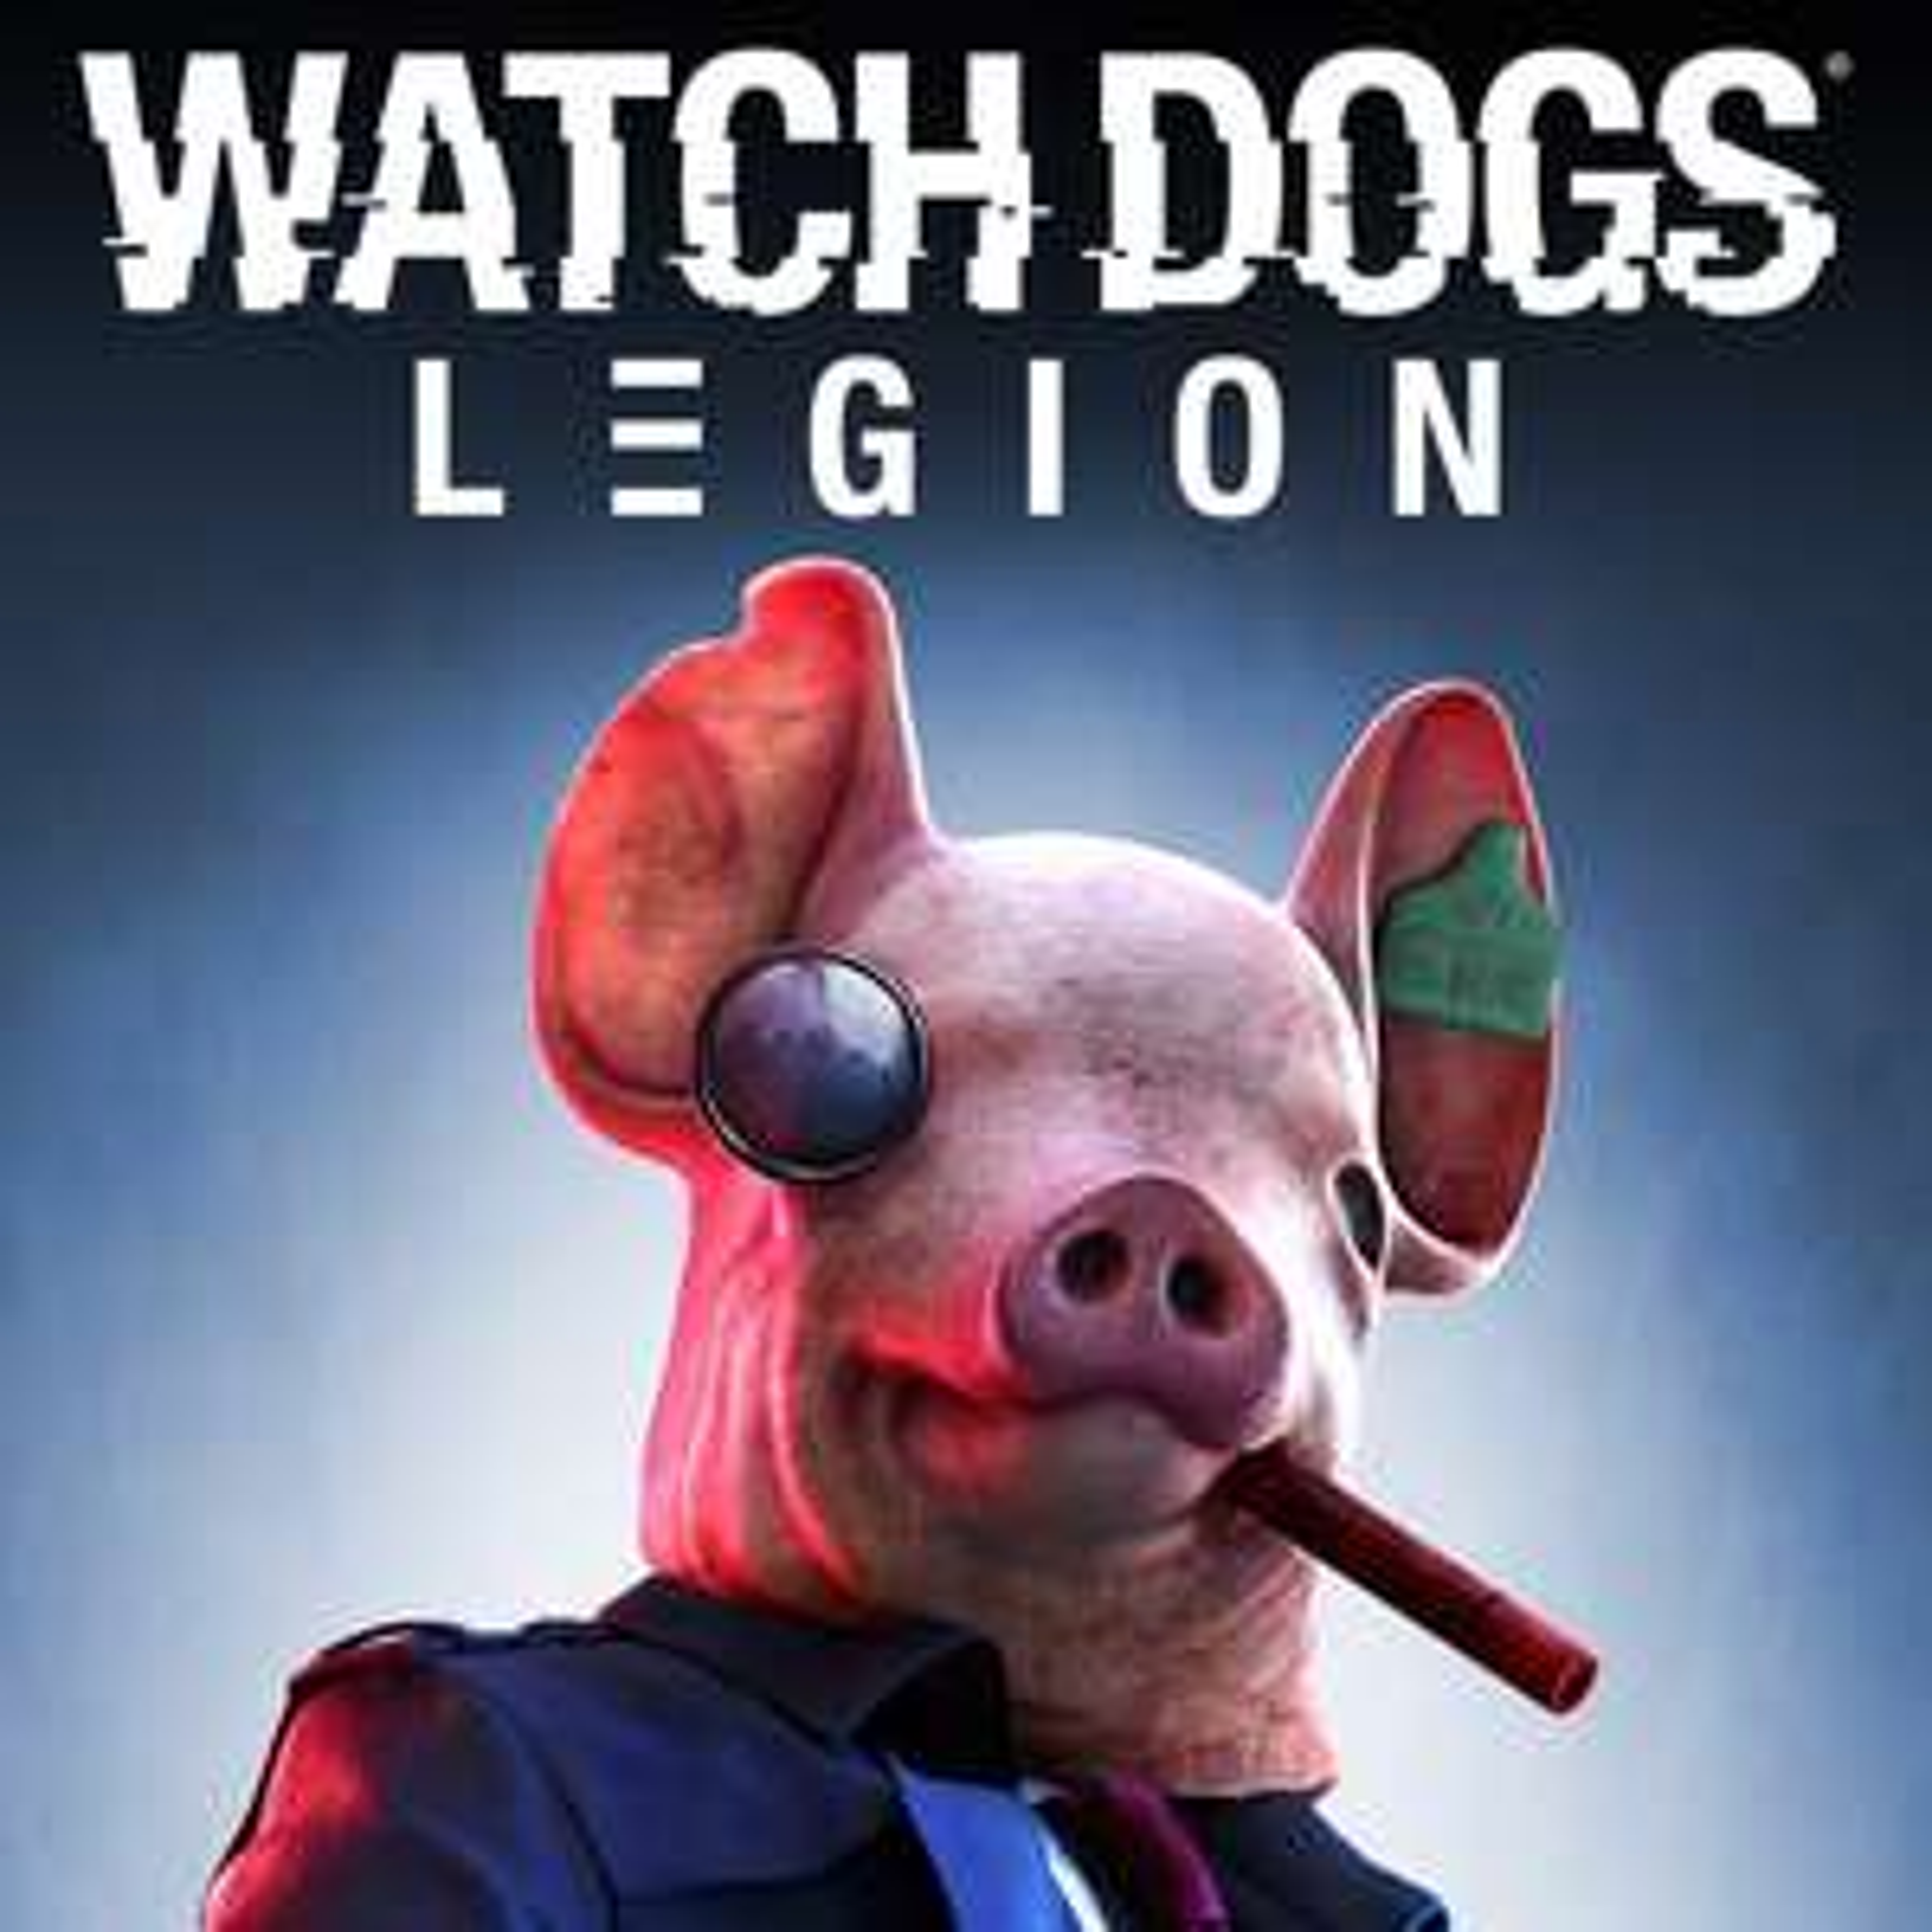 Watch Dogs Legion jouable gratuitement du 25/03 au 28/03 sur Xbox One / Xbox Series X|S, PS4 / PS5 et PC